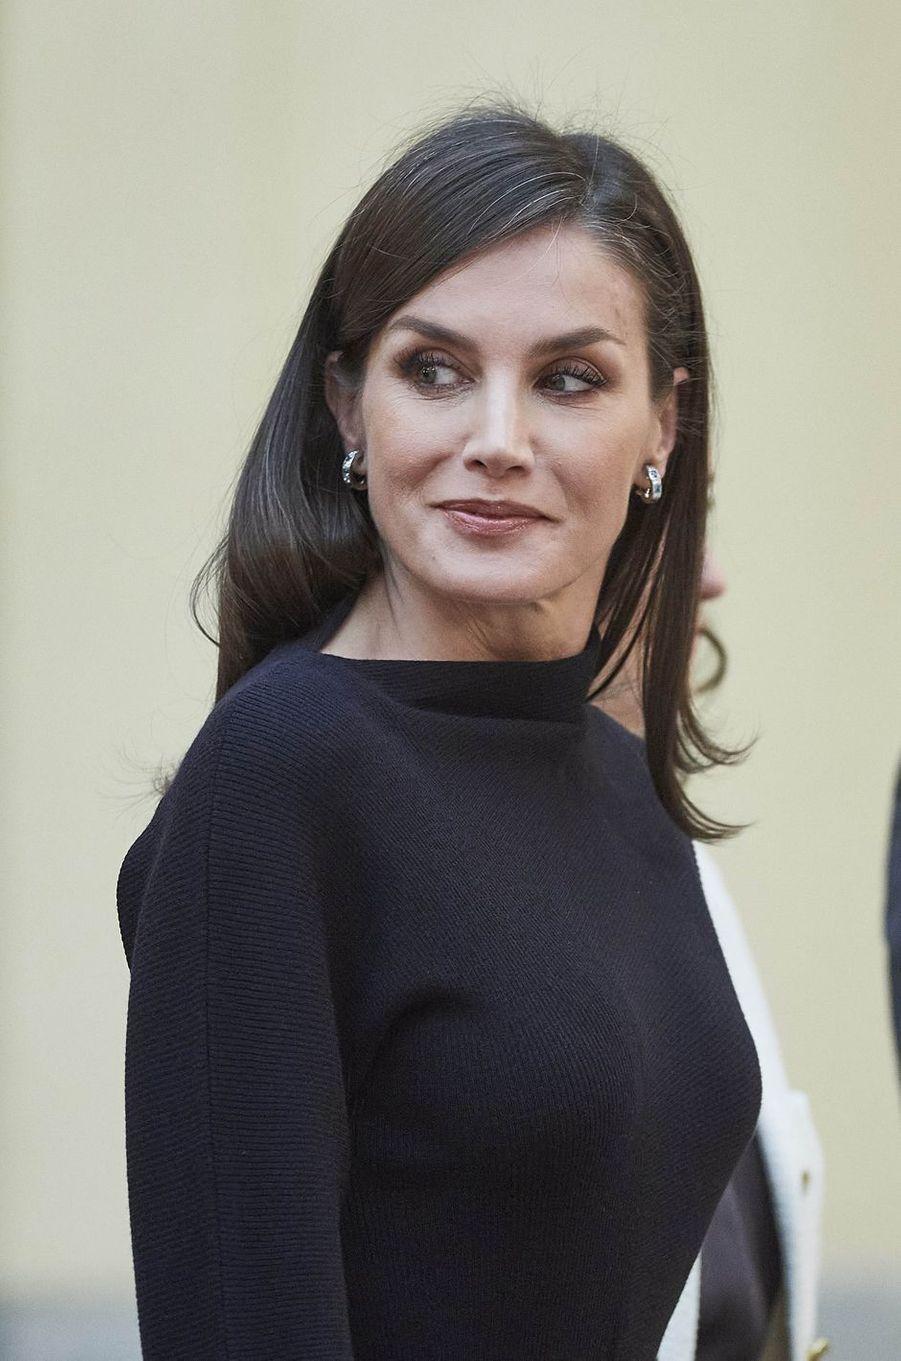 La reine Letizia d'Espagne, le 17 février 2020 à Madrid